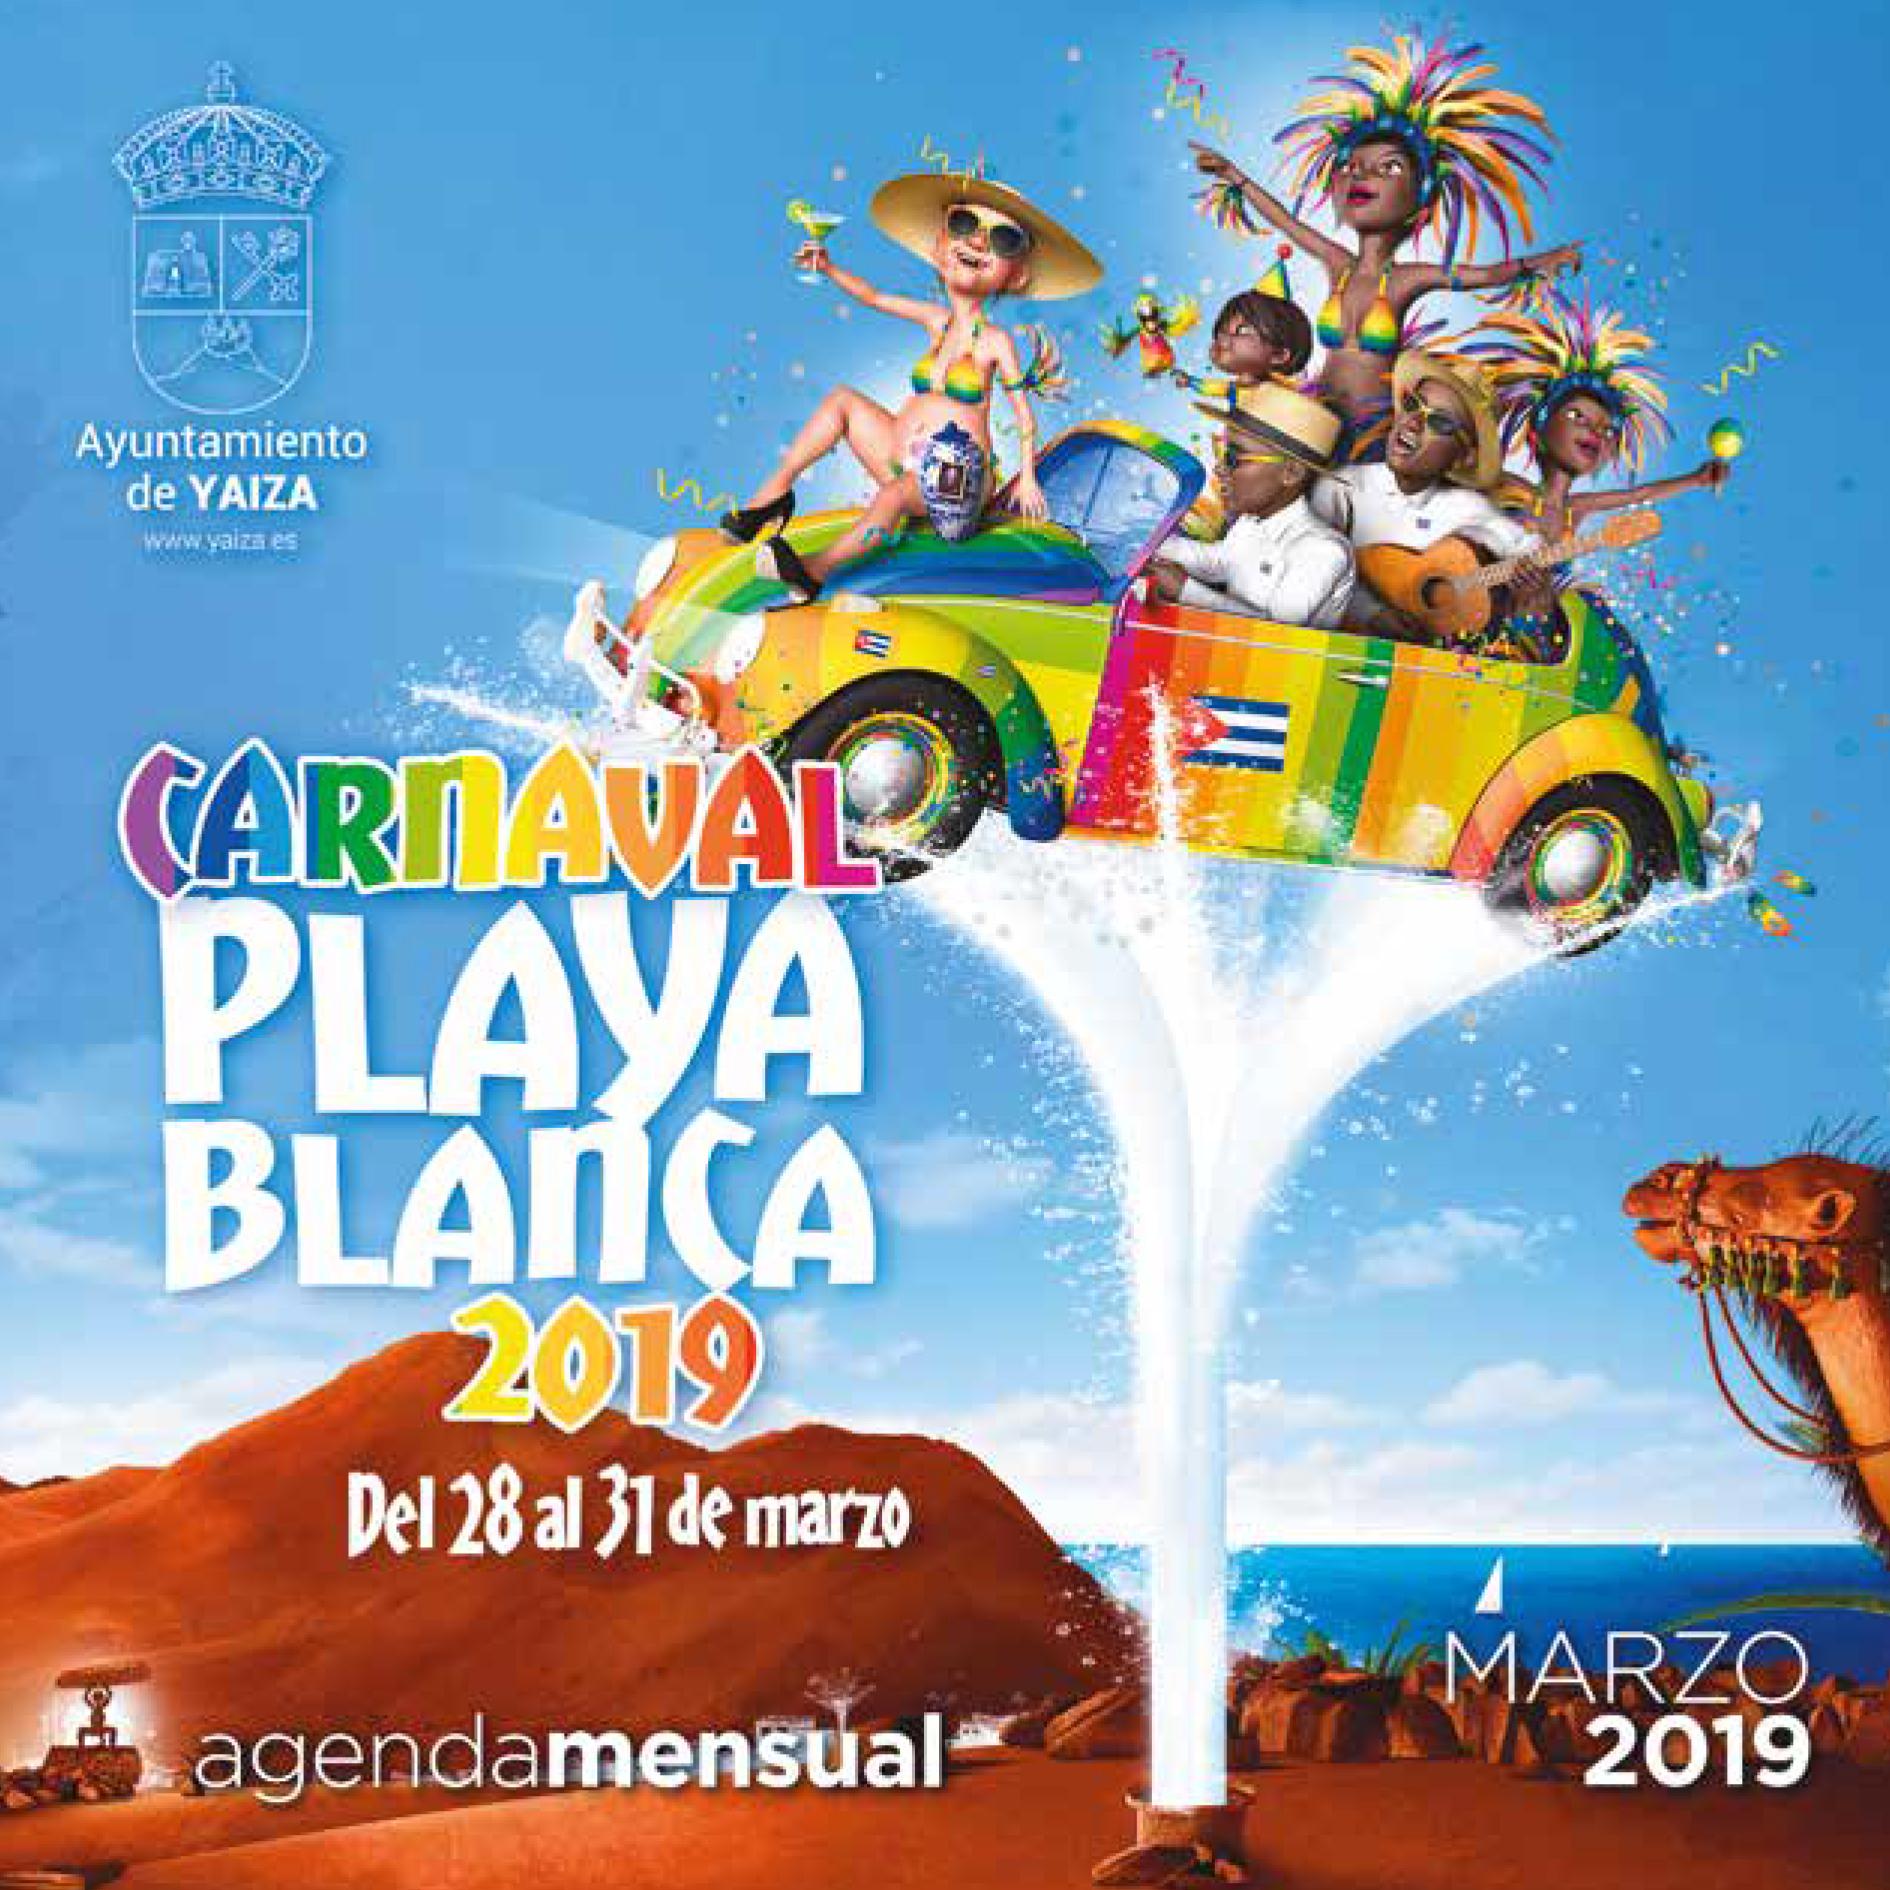 Programación Carnaval de Playa Blanca – Del  28 al 31 de Marzo